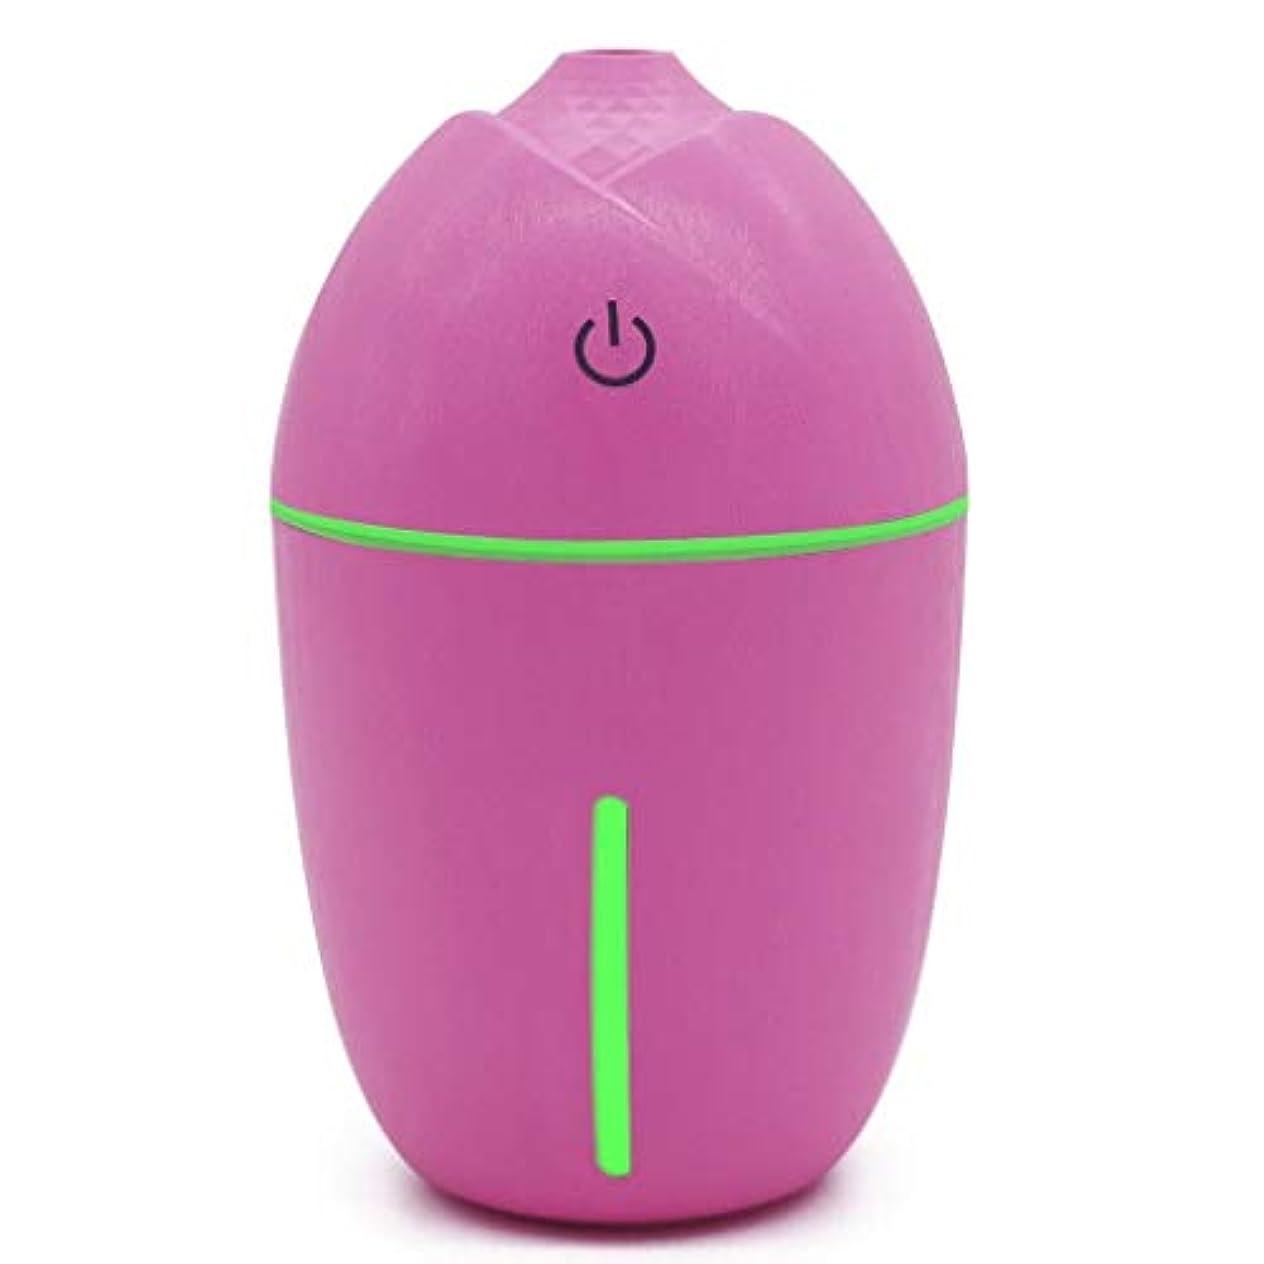 豊かにするキャプション潜在的な180ミリリットルミニアロマエッセンシャルオイルディフューザー、usb超音波クールミスト加湿器付きledナイトライト用オフィスホームリビングルーム研究ヨガスパ (Color : ピンク)